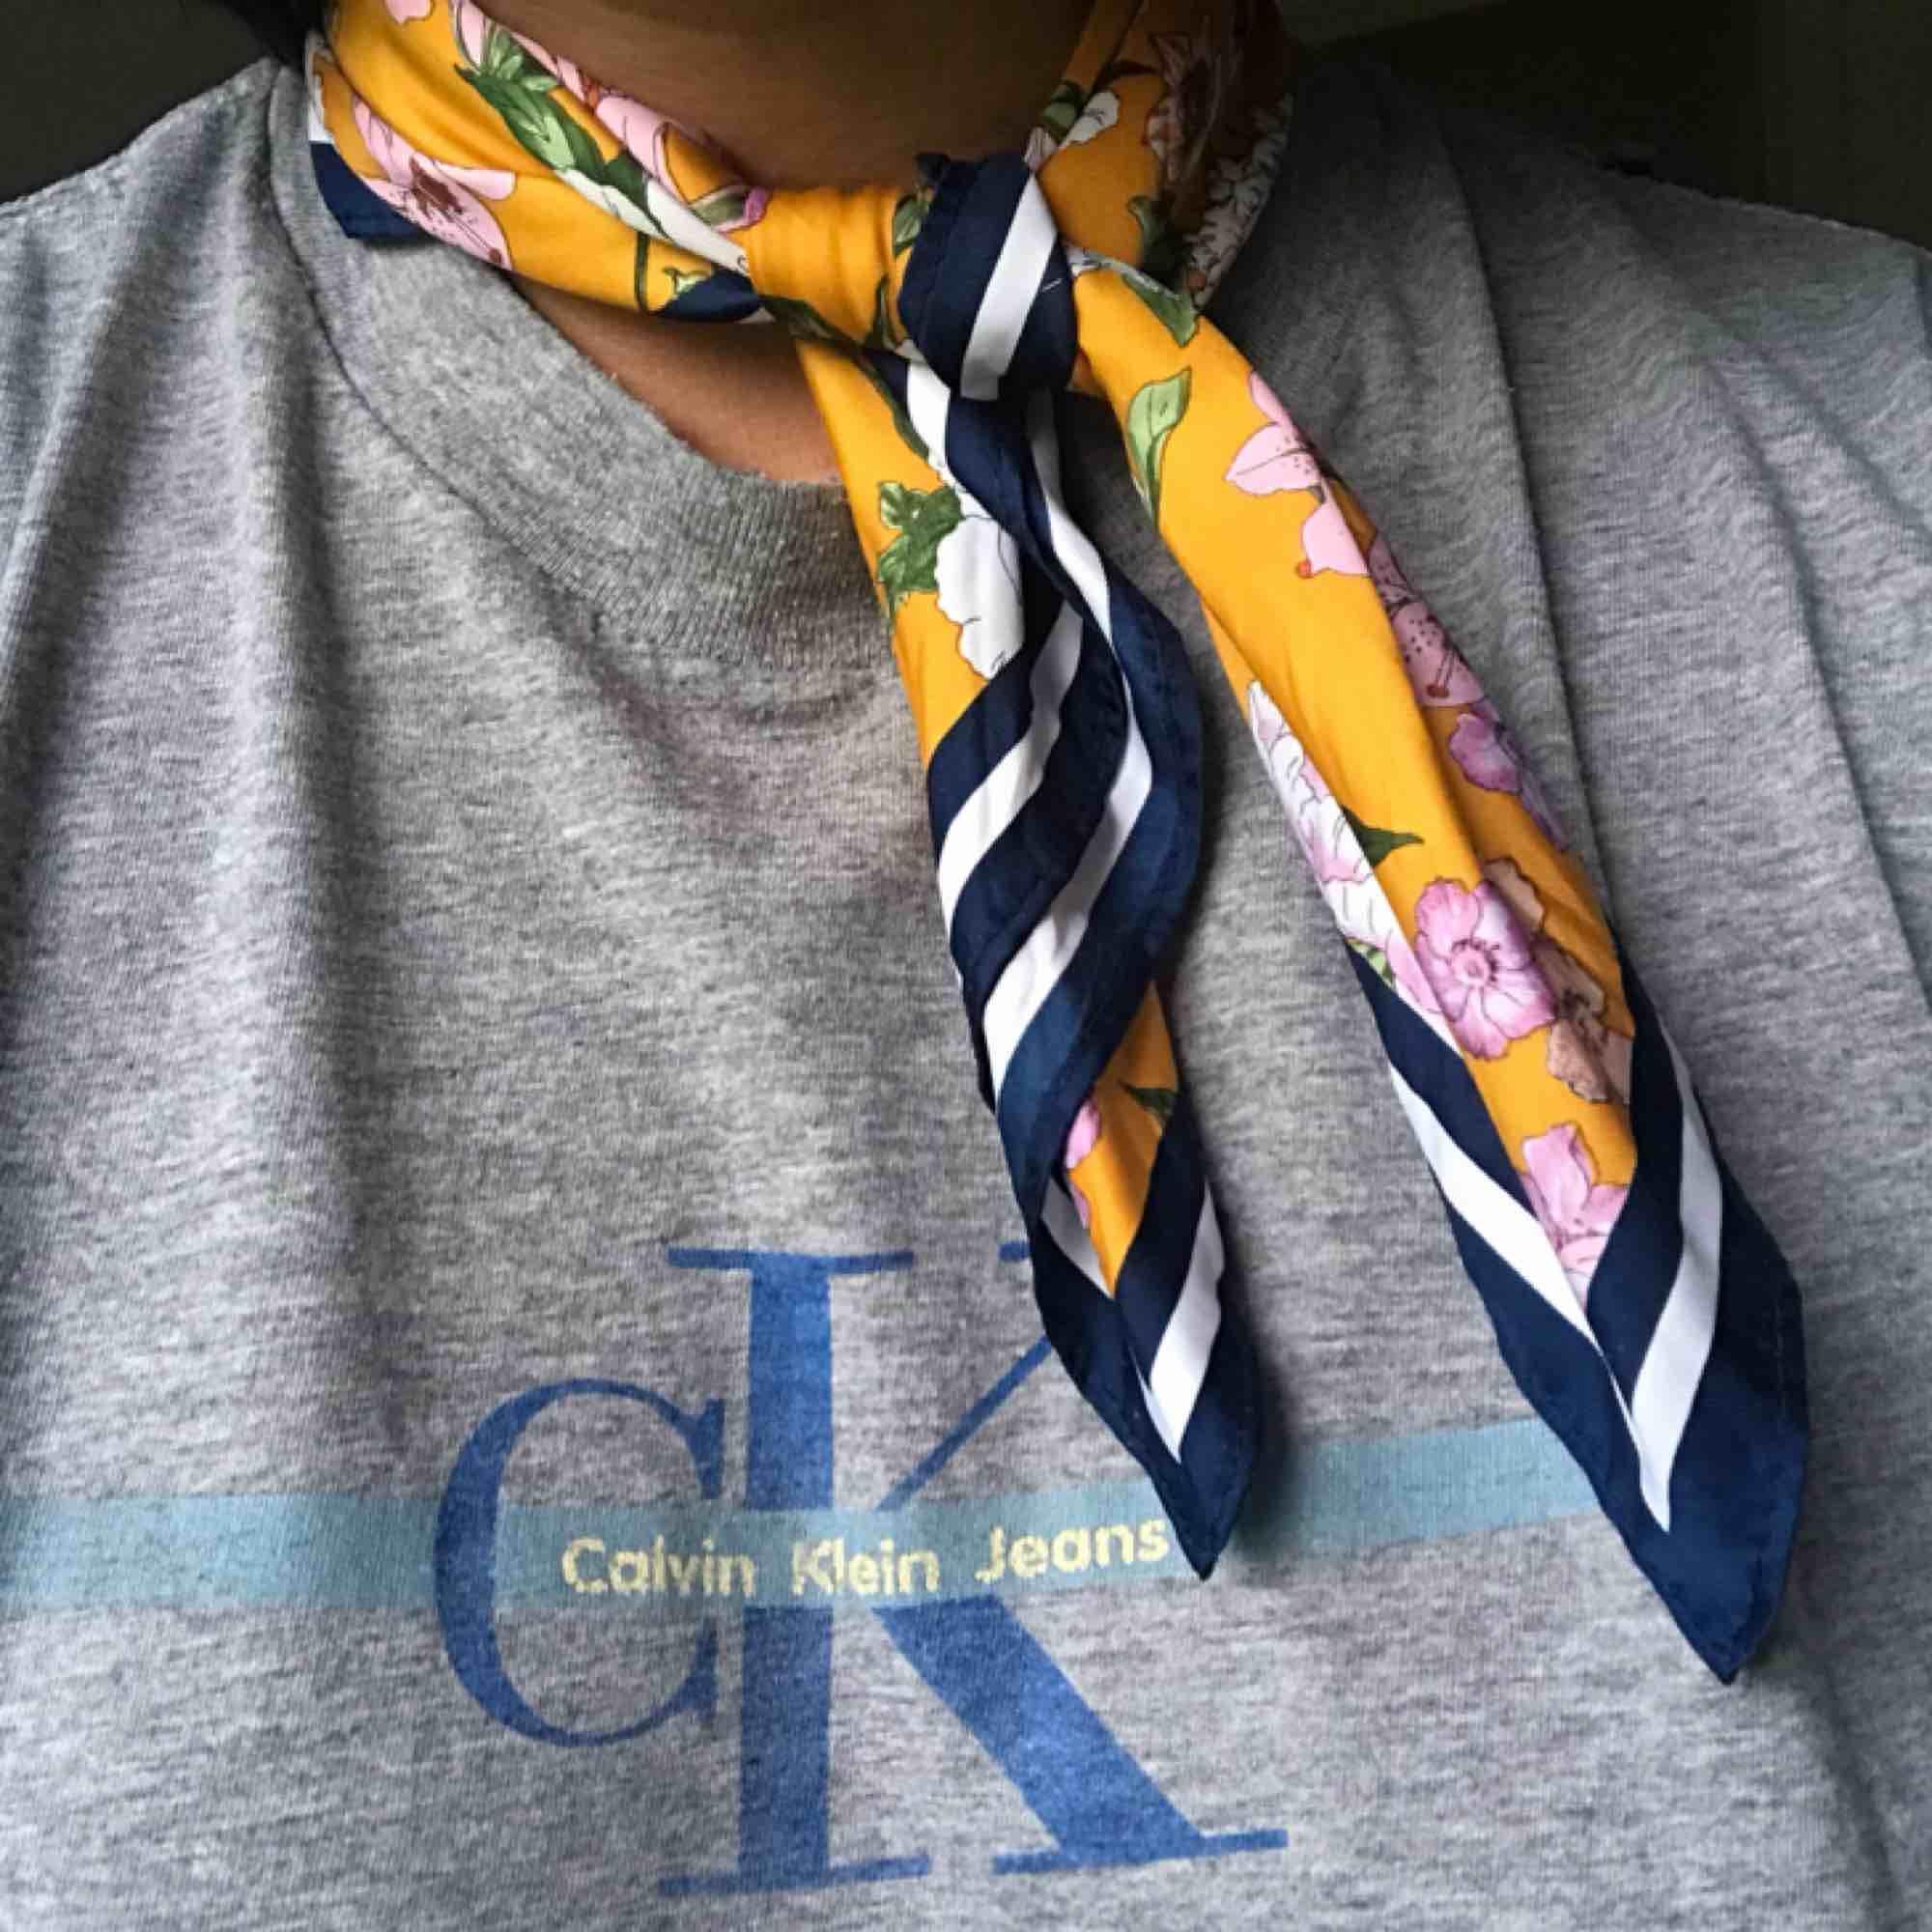 Mönstrad sjal från H&M i sidenliknande tyg! Fin att ha i håret, runt halsen eller på någon väska. Aldrig använd. Frakt på 10 kr tillkommer. Pm för frågor/fler bilder 🌻. Accessoarer.